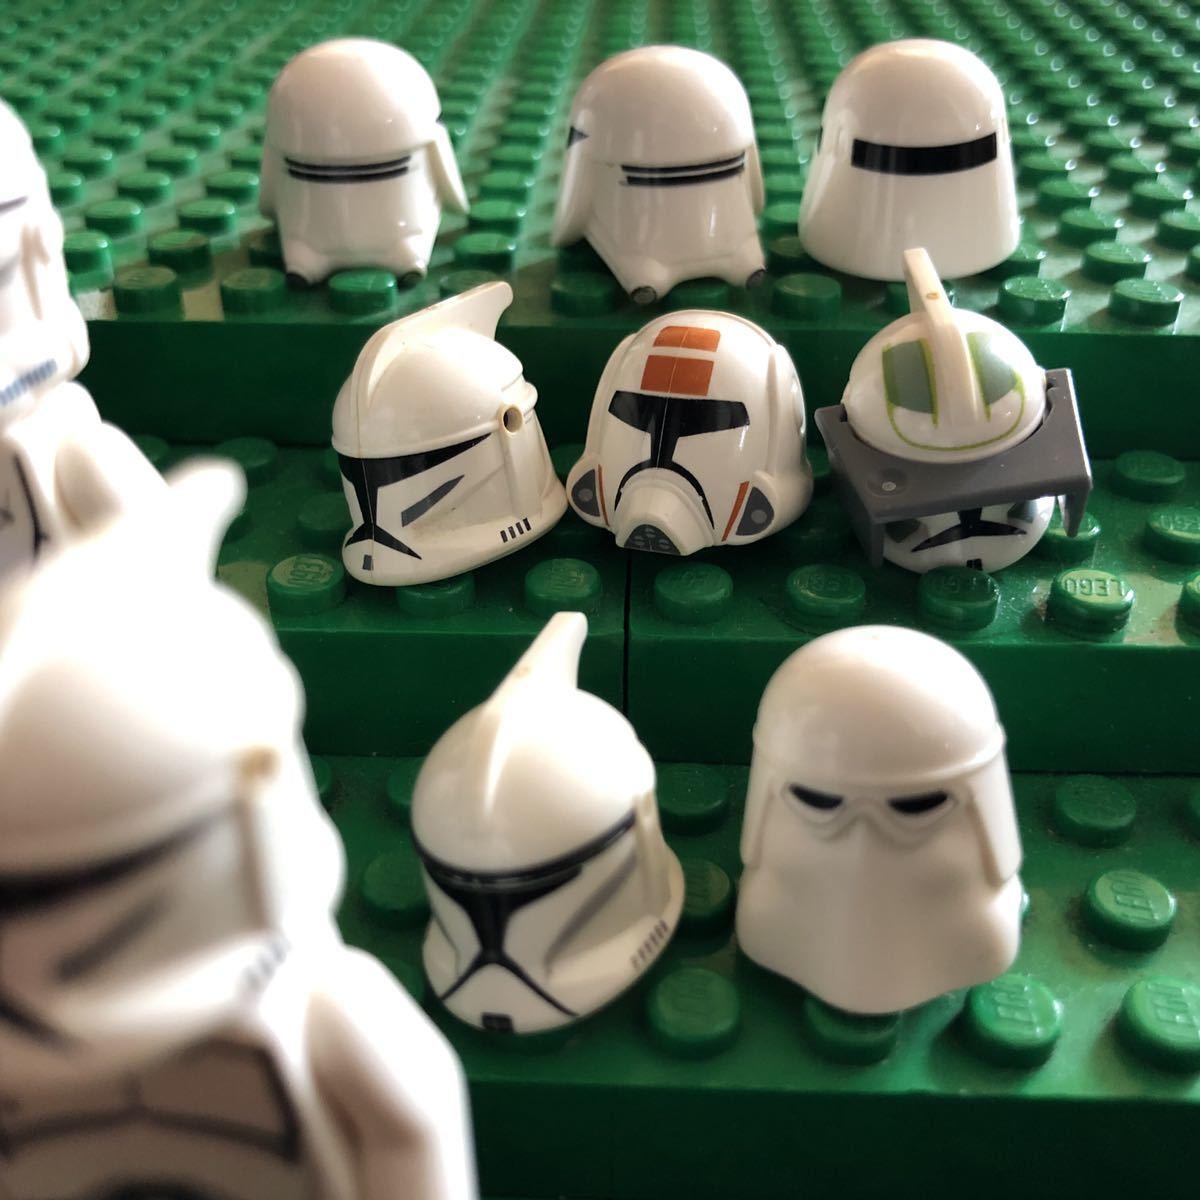 レゴ スターウォーズ トルーパ ミニフィグ セット 色々まとめて出品中kg_画像5